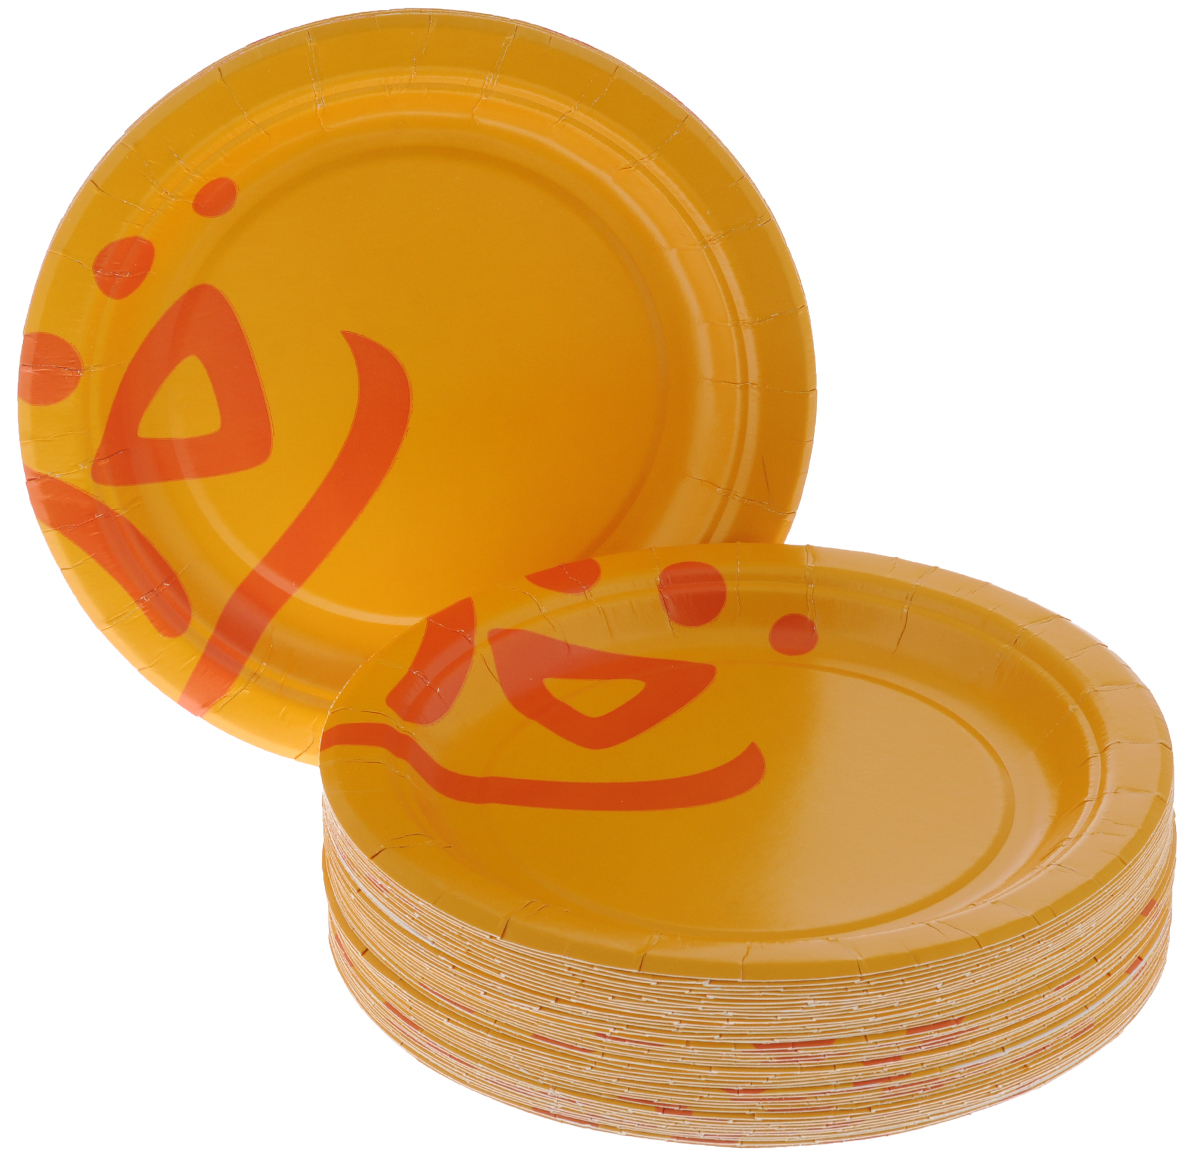 Набор одноразовых тарелок Huhtamaki Whizz, диаметр 18 см, 50 штVT-1520(SR)Набор Huhtamaki Whizz состоит из 50 круглых тарелок, выполненных из плотной бумаги и предназначенных для одноразового использования. Изделия декорированы оригинальным узором. Одноразовые тарелки будут незаменимы при поездках на природу, пикниках и других мероприятиях. Они не займут много места, легки и самое главное - после использования их не надо мыть.Диаметр тарелки (по верхнему краю): 18 см.Высота тарелки: 1,5 см.